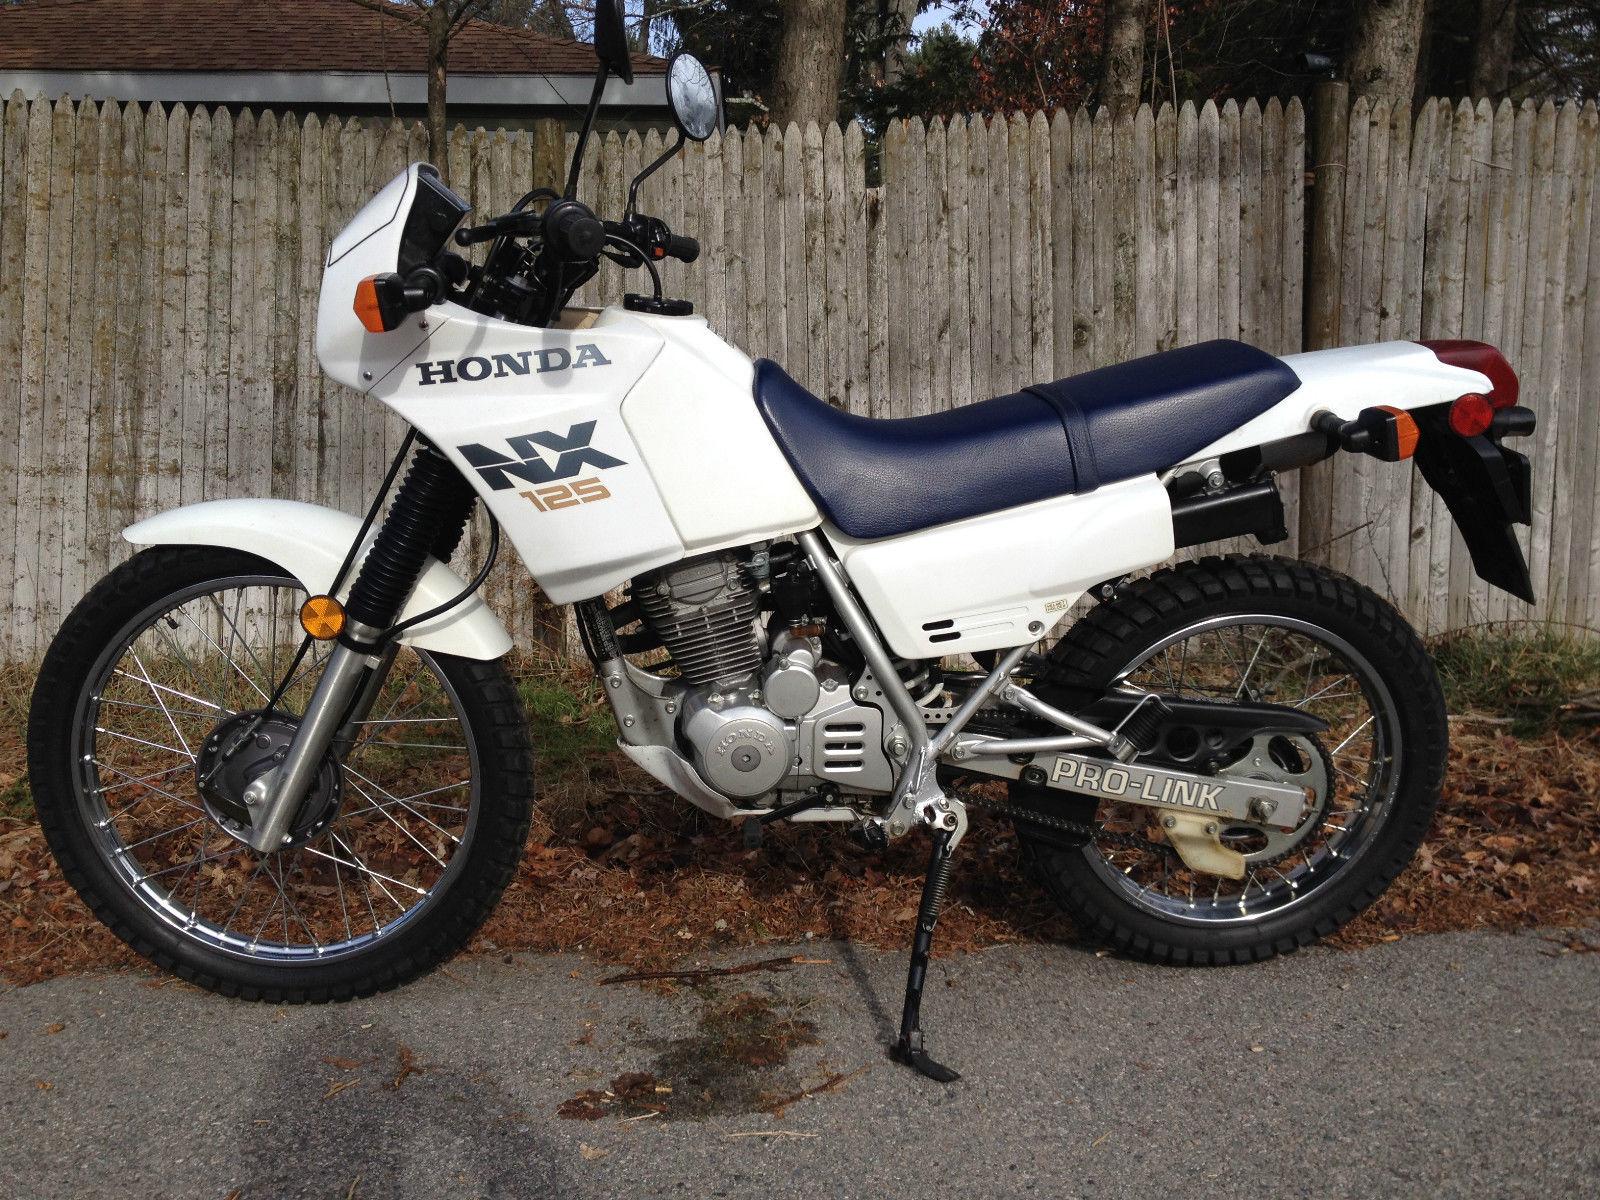 Мотоцикл Honda NX 125 Transcity 1993 Фото, Характеристики